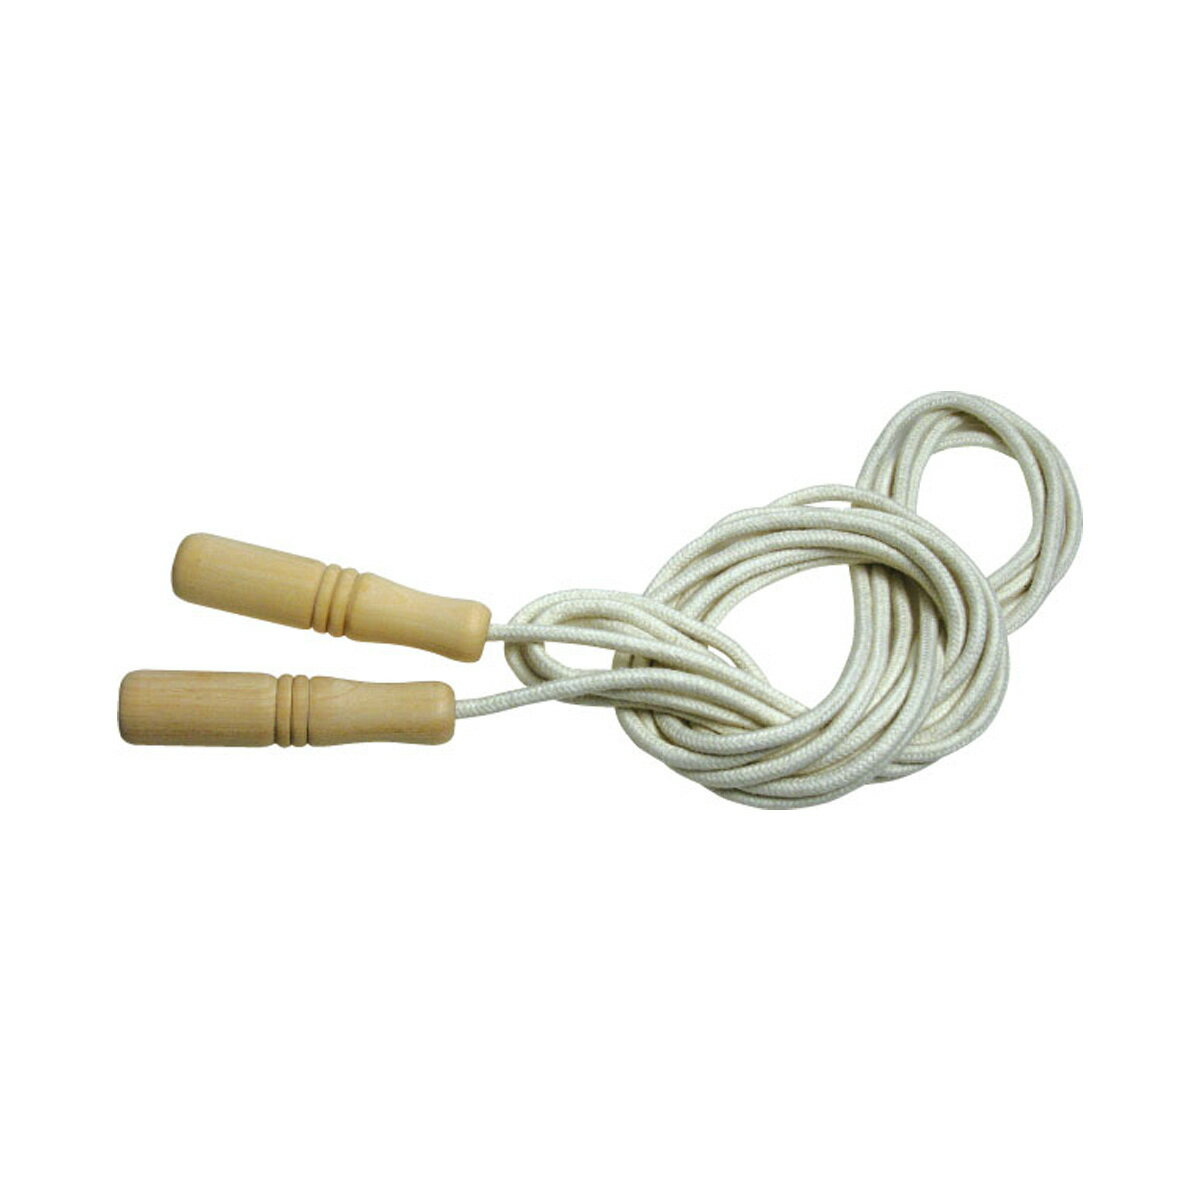 大なわとび 木柄ロングなわとび 縄跳び 縄飛び なわとび 子供用 ロープ 5m 大縄跳び …...:loupe-studio:10412744